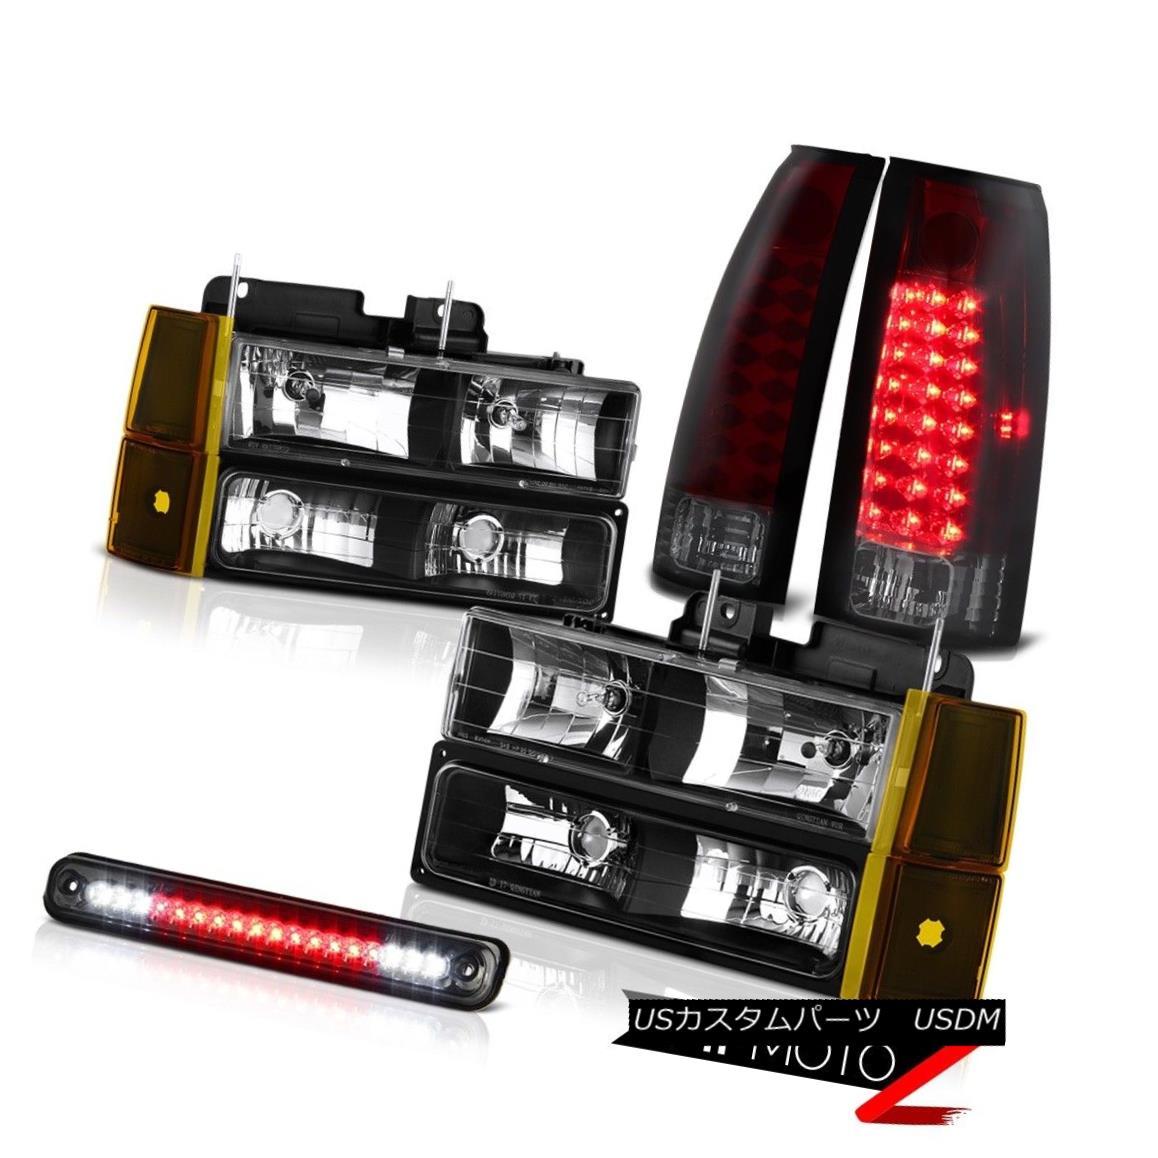 テールライト 1994-1998 GMC C1500 Black Headlamps Bumper Roof Brake Light Taillamps Assembly 1994-1998 GMC C1500ブラックヘッドランプバンパールーフブレーキライトライトアセンブリ